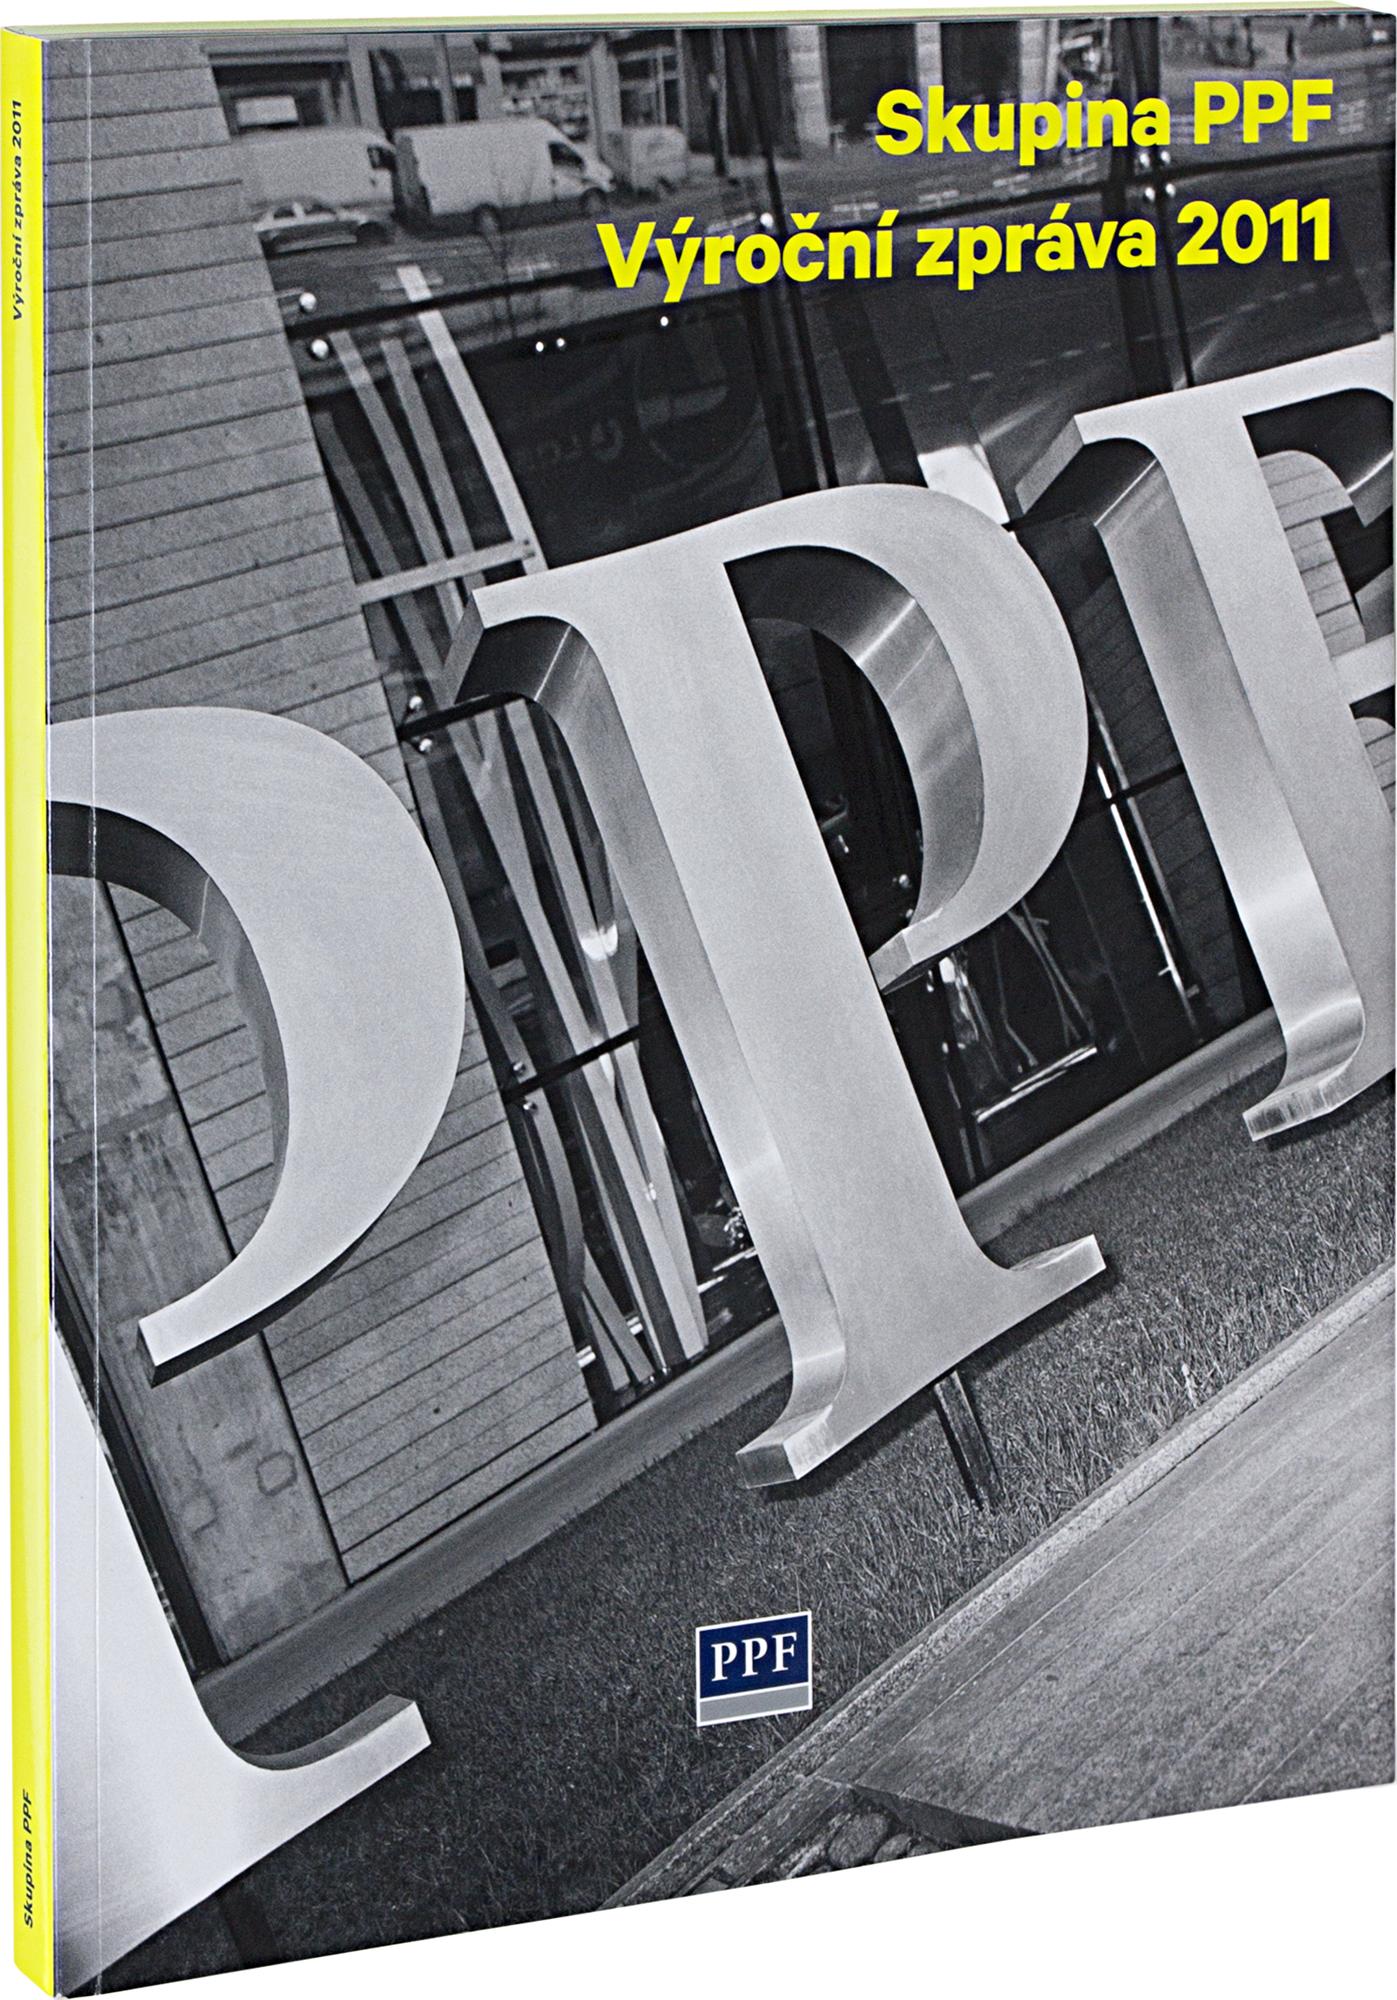 Výroční zpráva PPF 2011